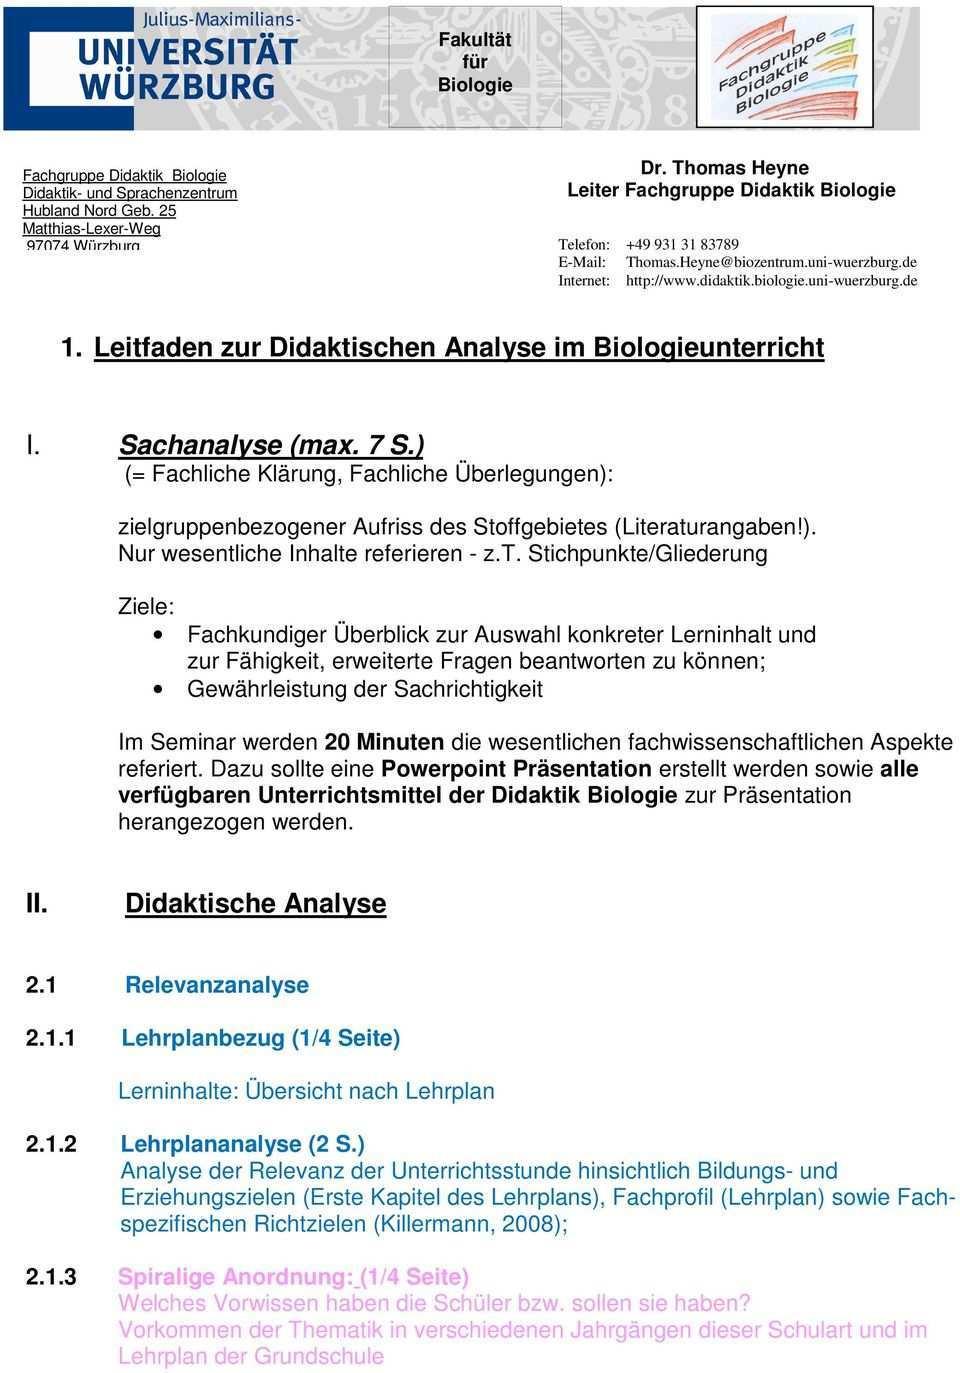 1 Leitfaden Zur Didaktischen Analyse Im Biologieunterricht Pdf Kostenfreier Download